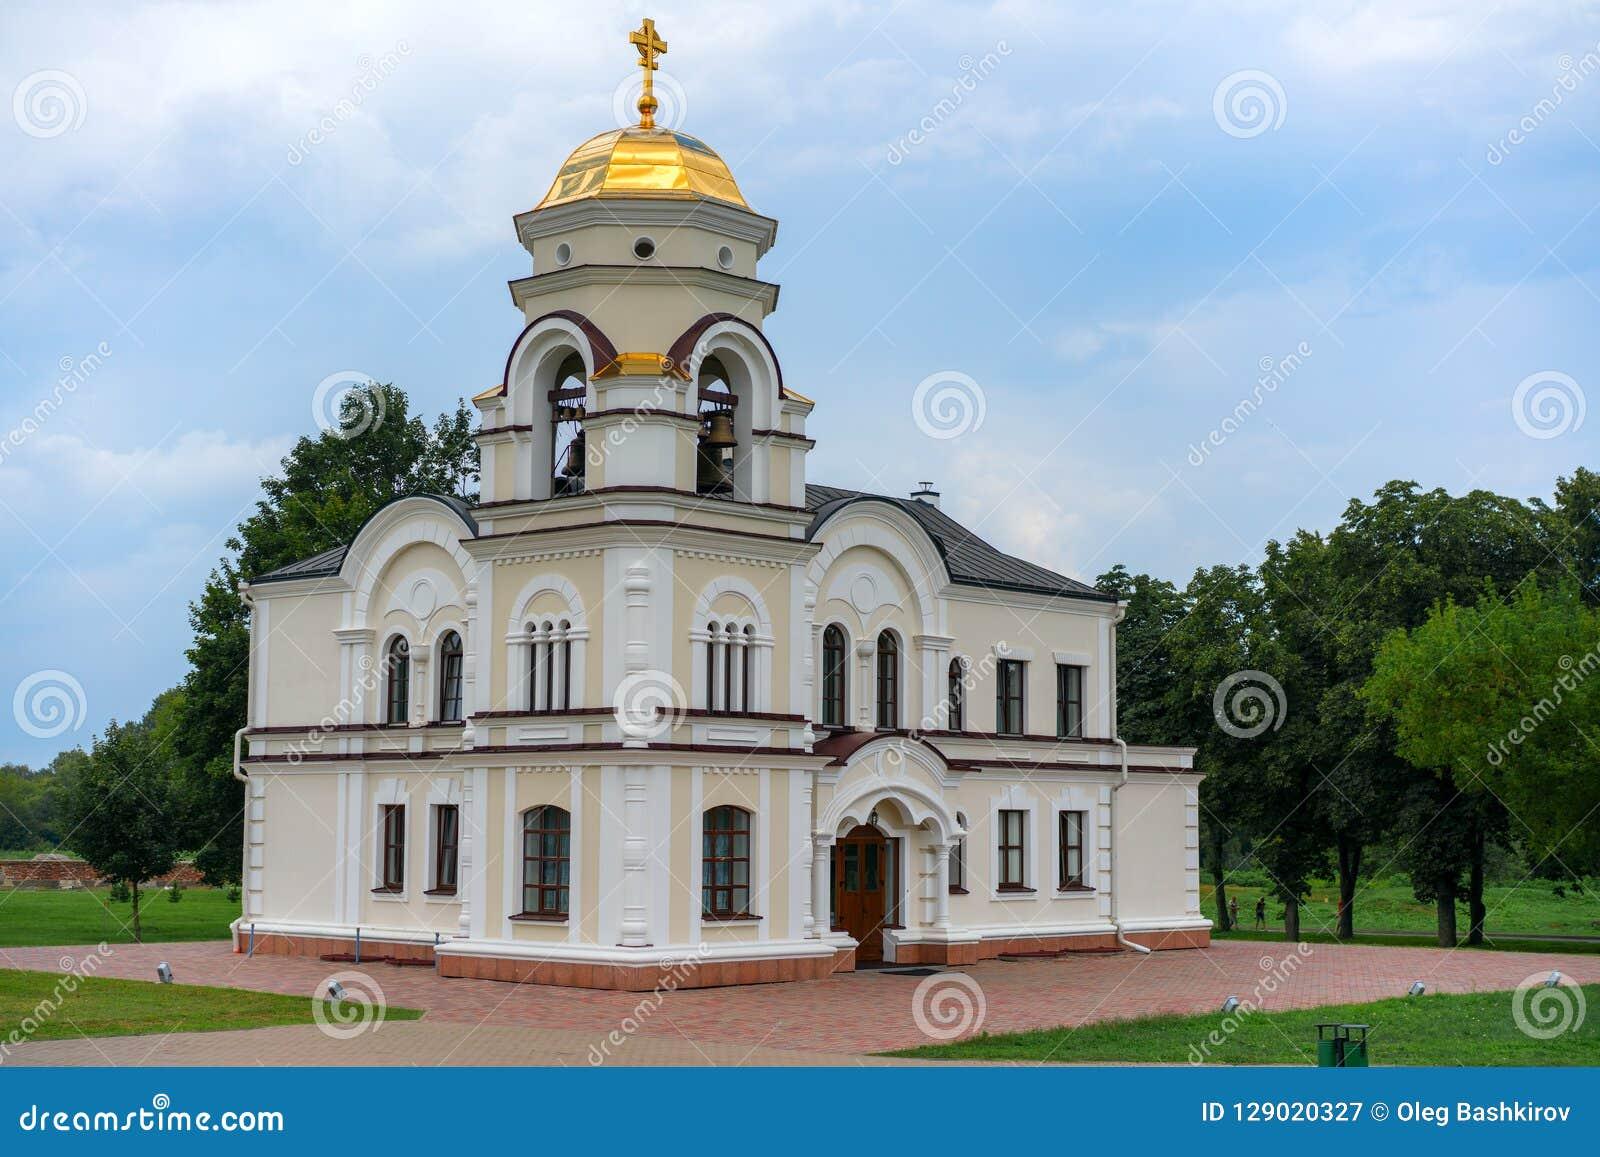 BREST, BELARUS - 28 JUILLET 2018 : Saint Nicholas Cathedral Svyato-Nikolaevskiy Sobor dans le mémorial de forteresse de Brest